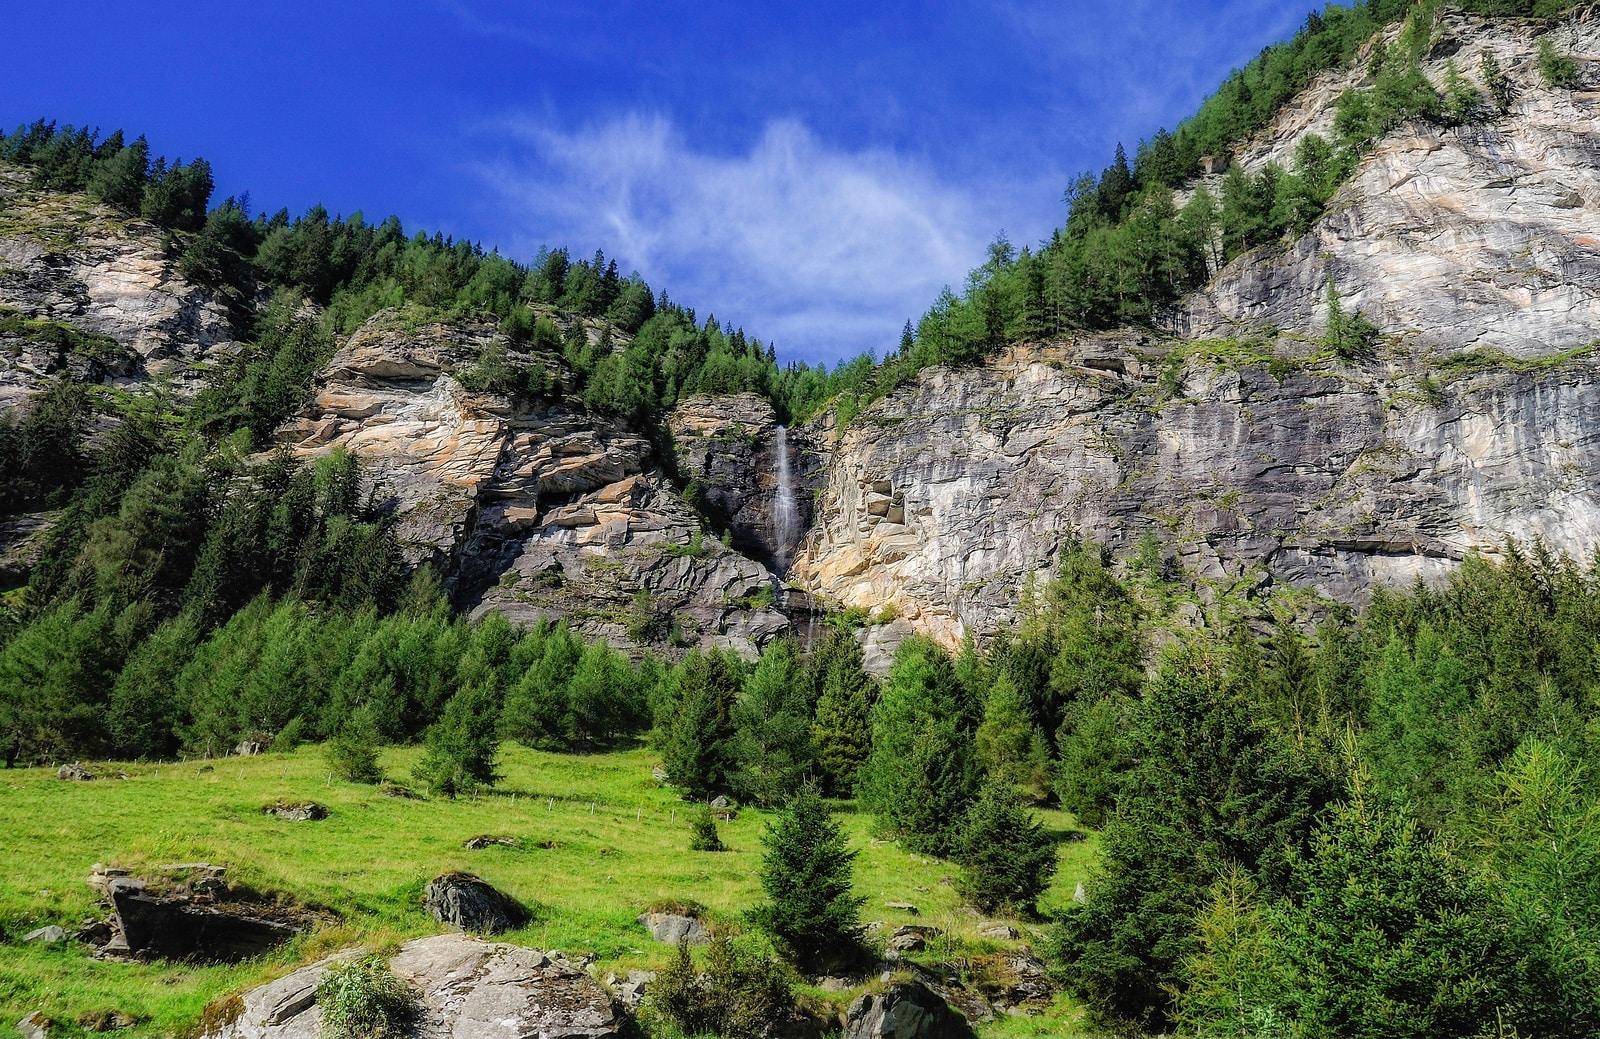 Wasserfall-im-Landschaftsschutzgebiet-Poellatal-Tourismusregion-Katschberg-Rennweg-(c)-Alexandra-Gasser